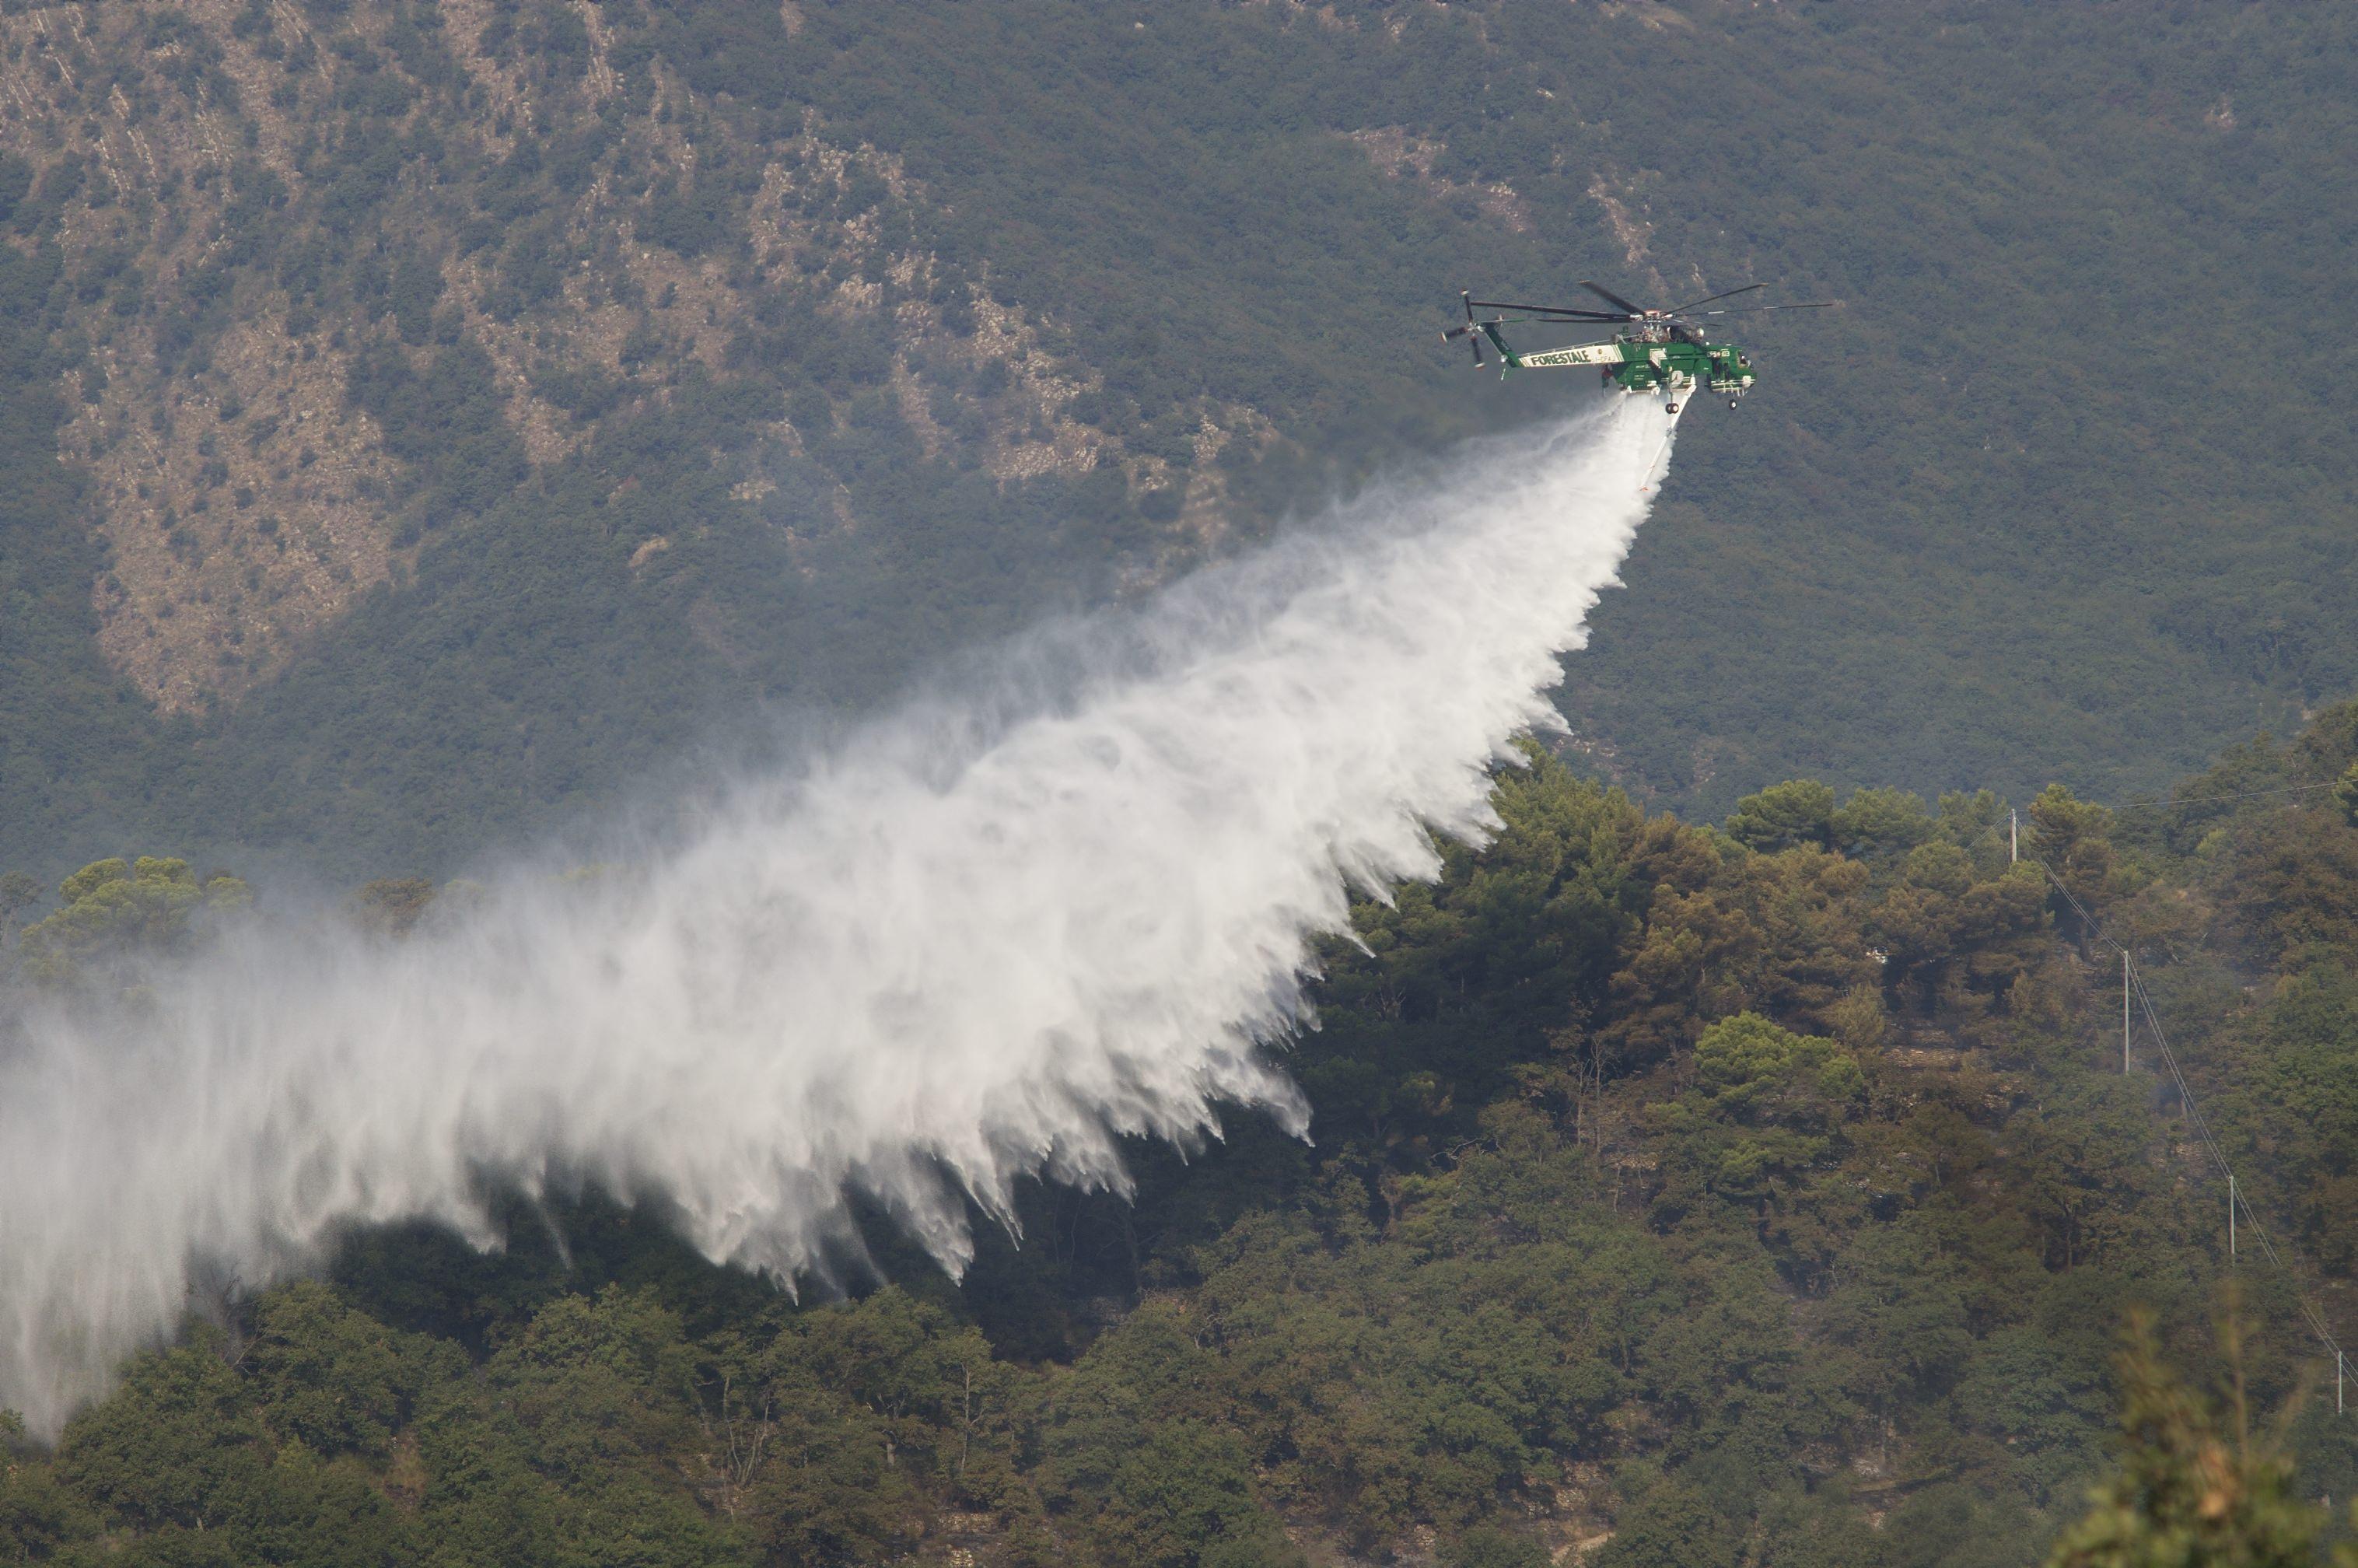 Ennesimo vasto incendio, a fuoco decine di ettari di macchia mediterranea: non si esclude il dolo